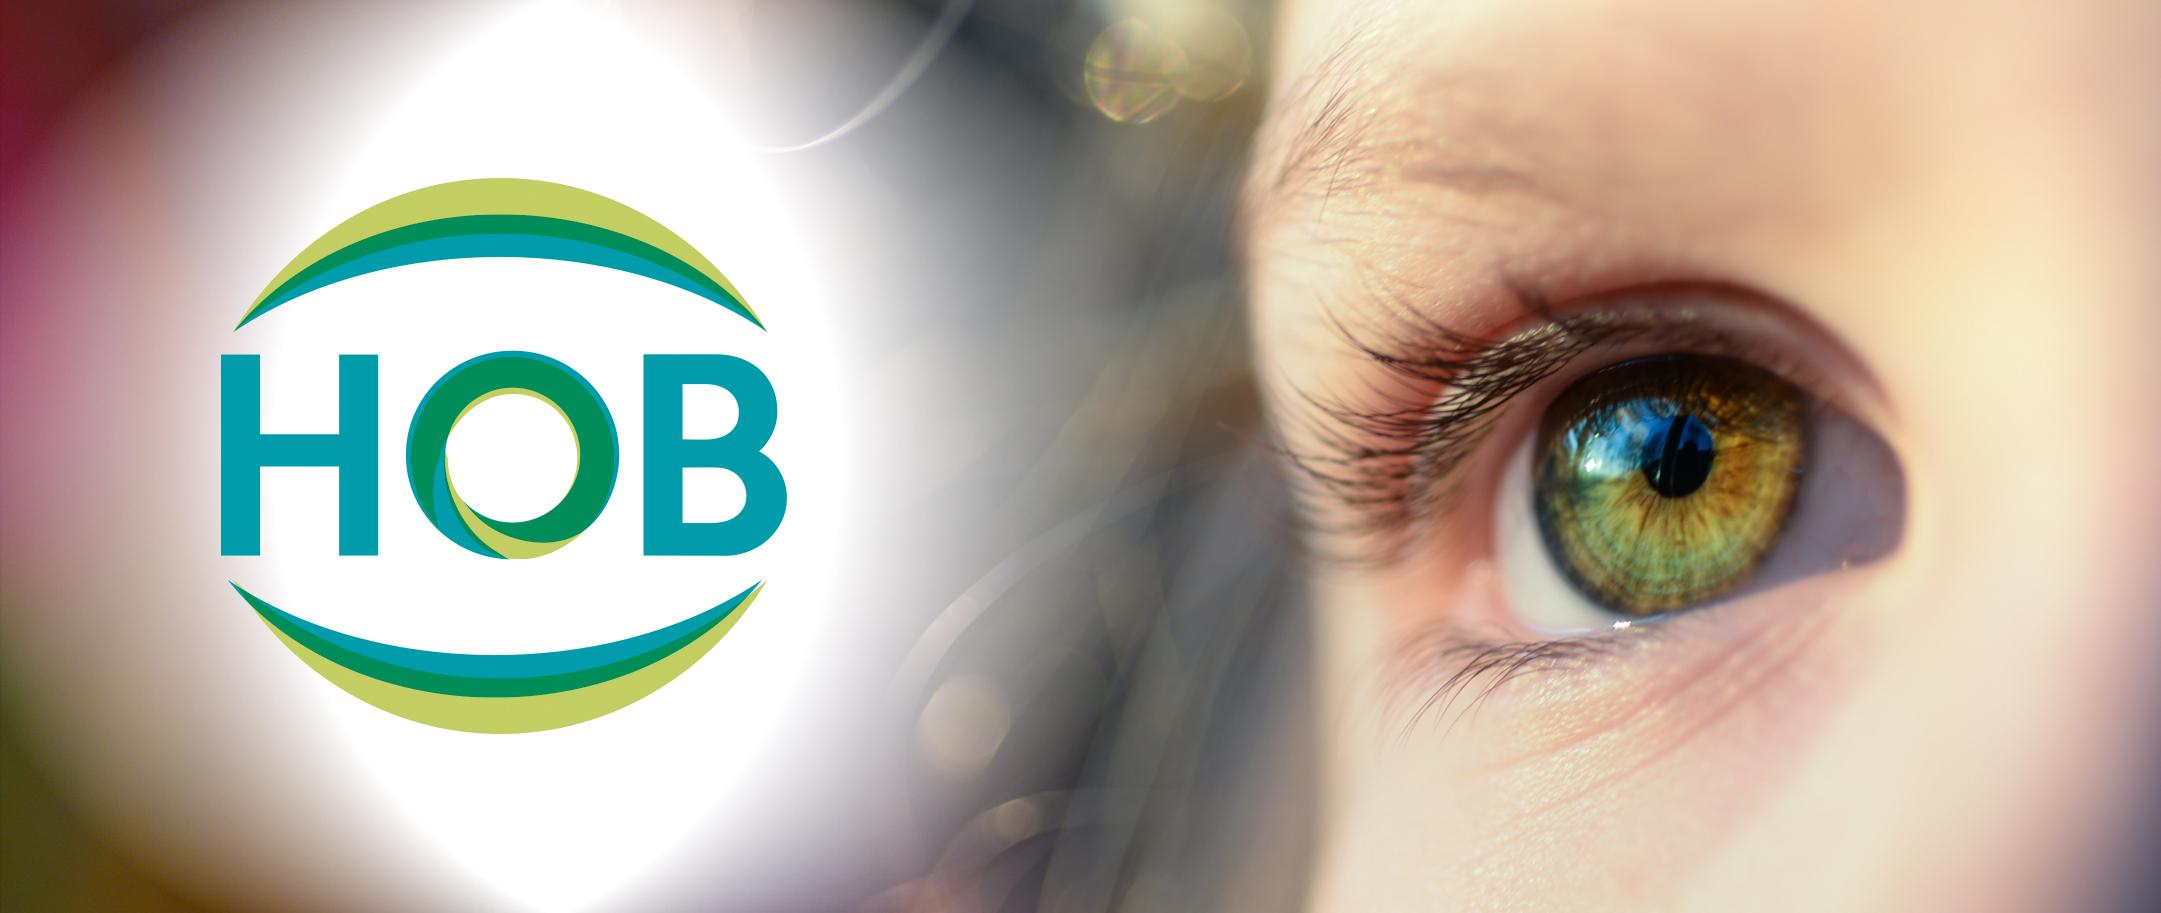 criacao-logotipo-hospital-olhos